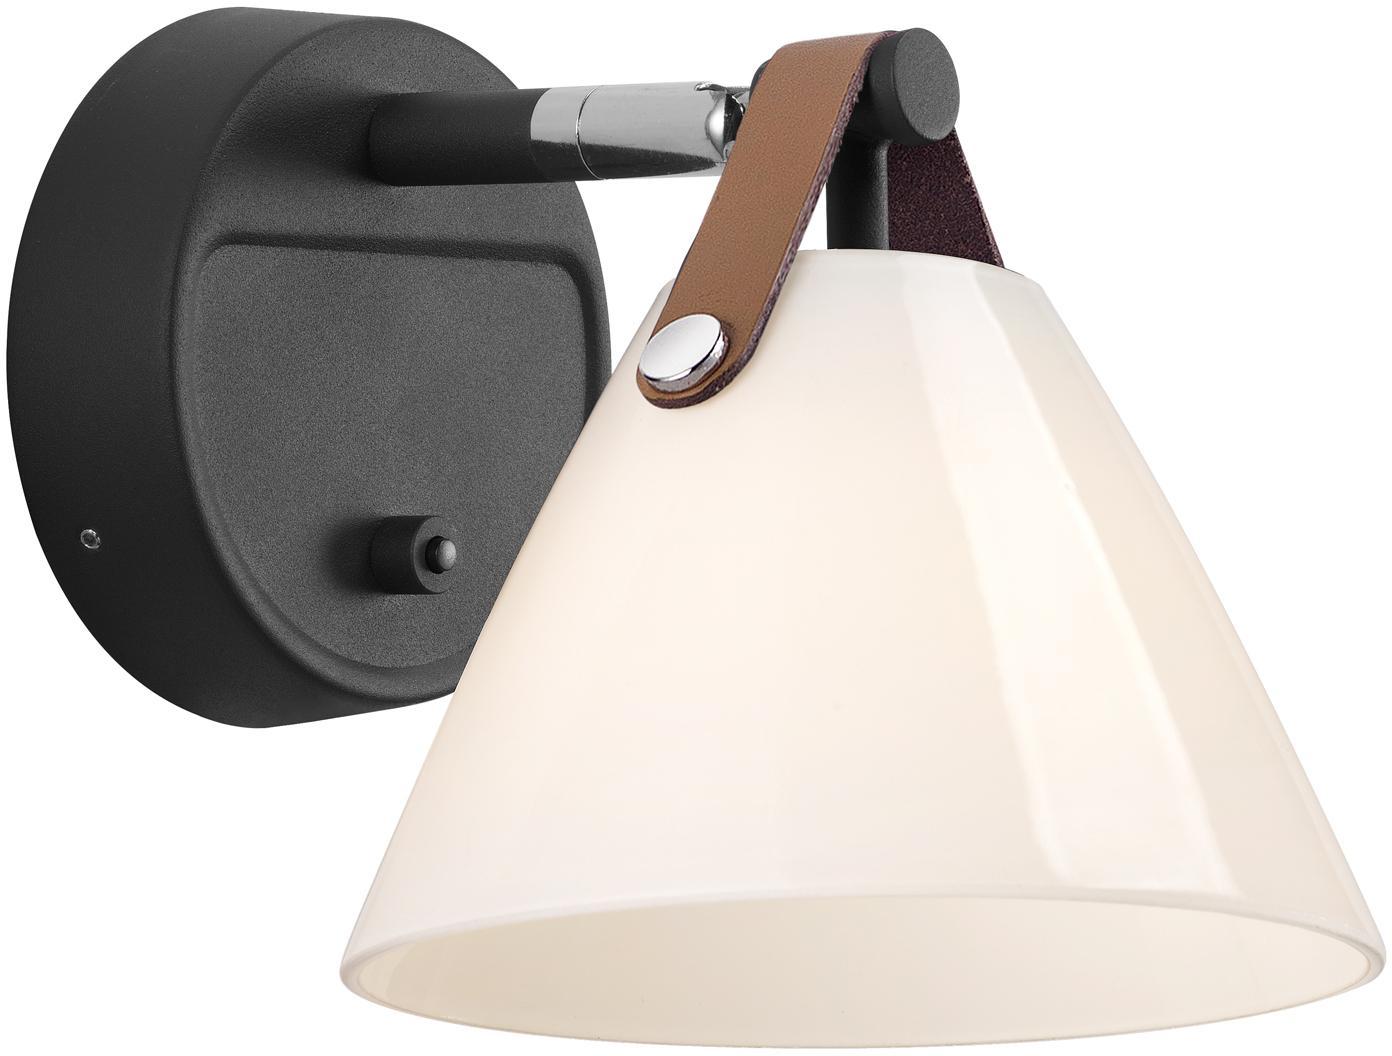 Wandleuchte Strap mit austauschbarem Lederband, Lampenschirm: Opalglas, Schwarz, 17 x 17 cm